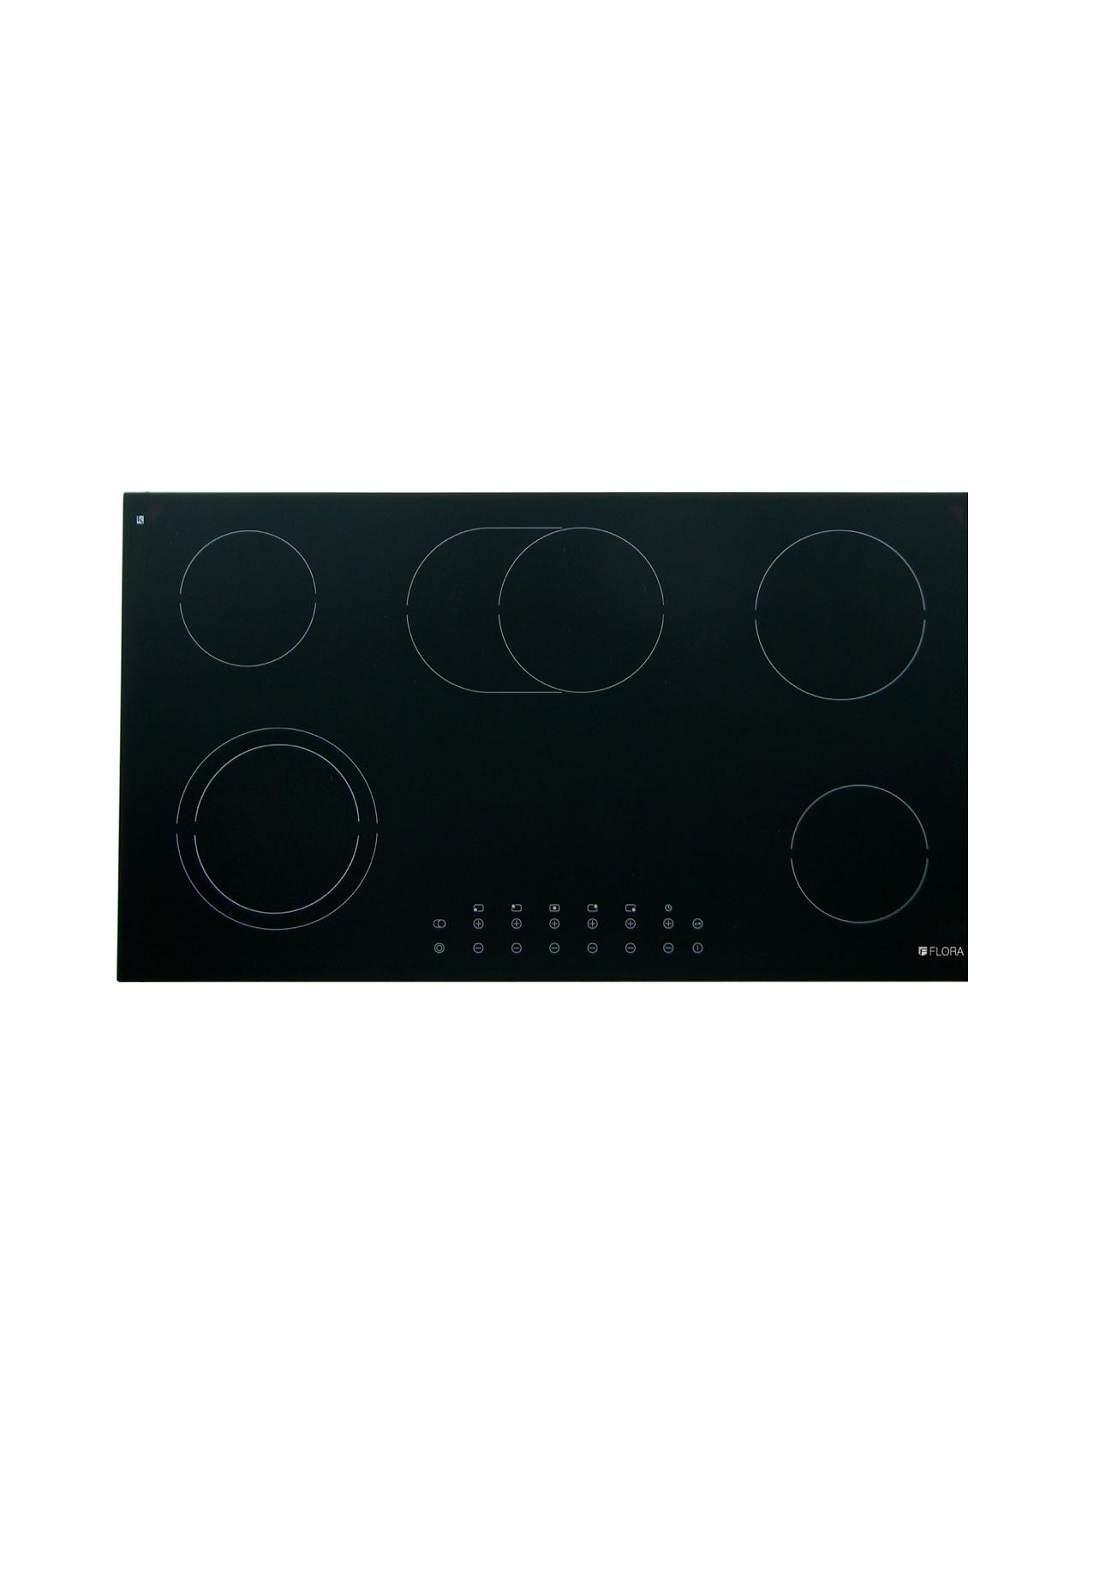 اسود اللون FLORA FLBH10-CTSFF-S95X طباخ ليزري من